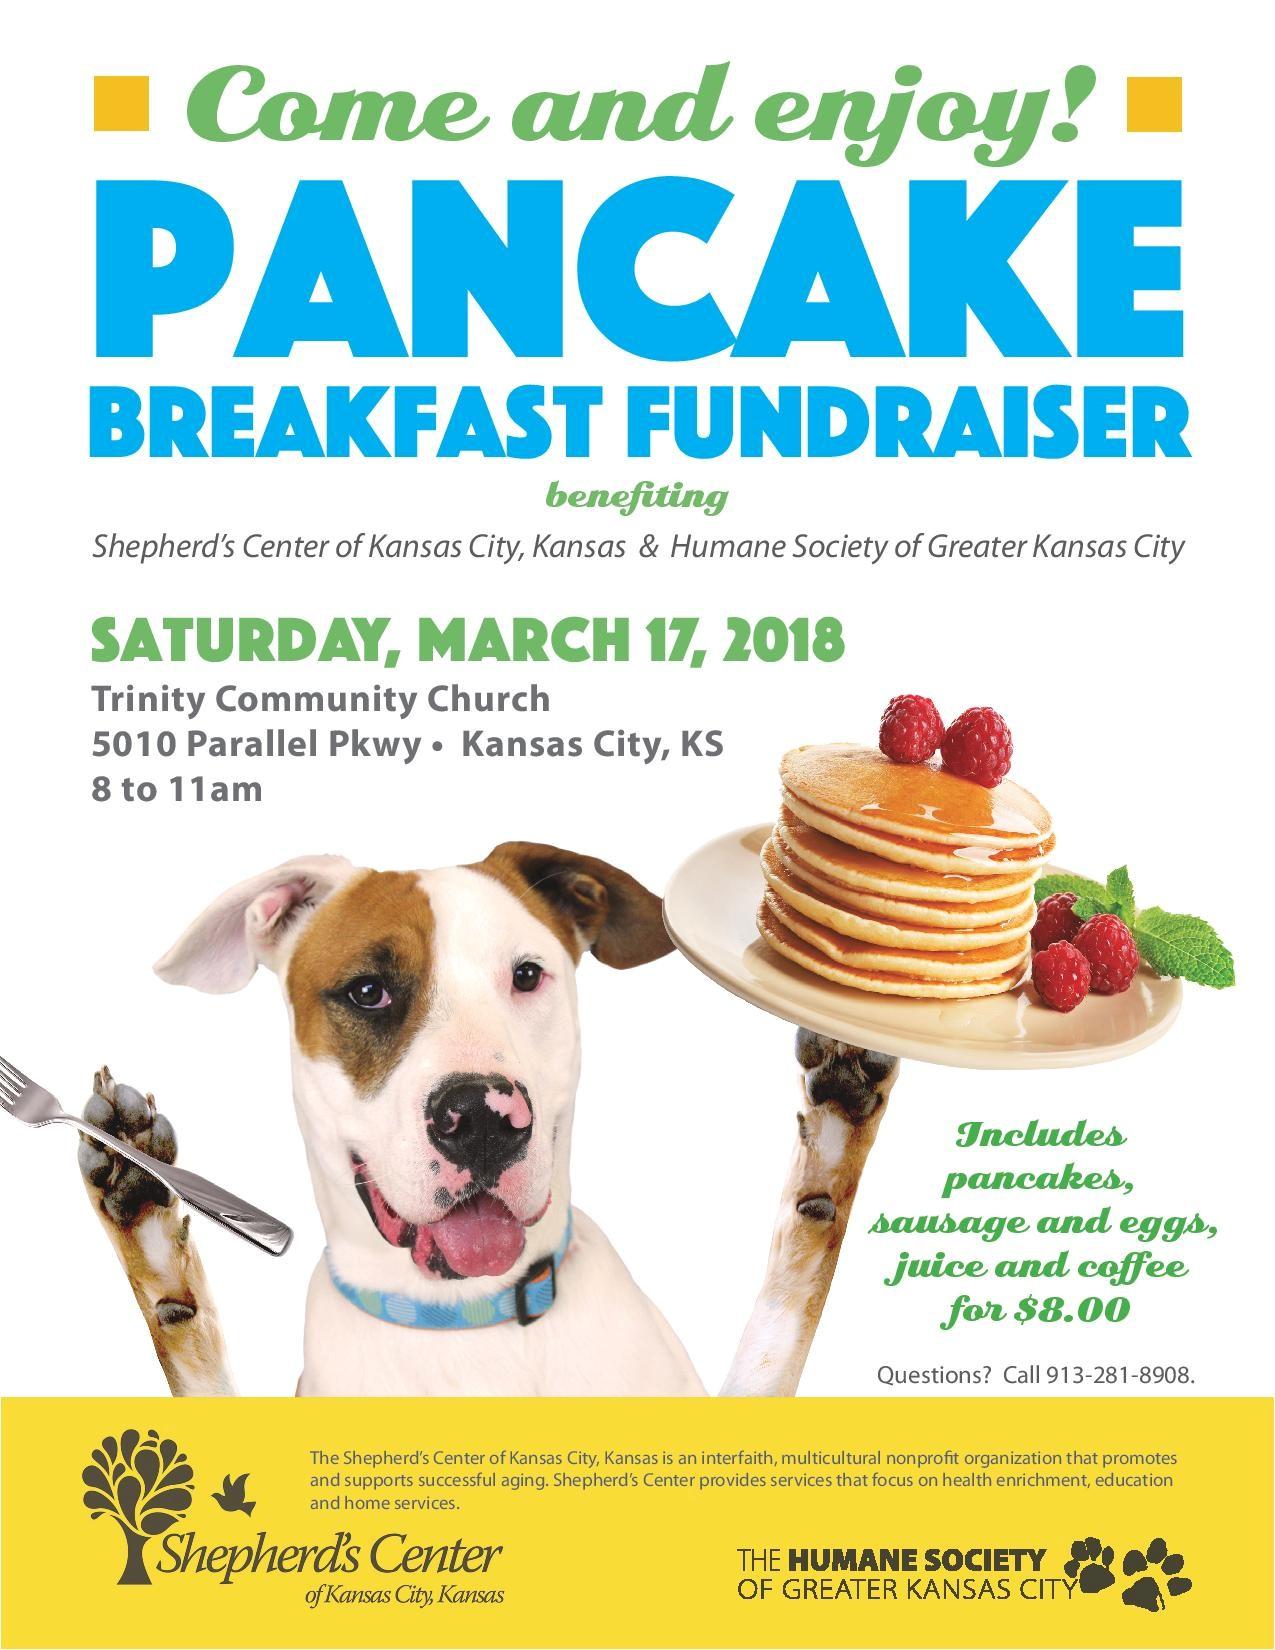 Pancake Breakfast Fundraiser_Shepherd's Center of Kansas City, Kansas.jpg